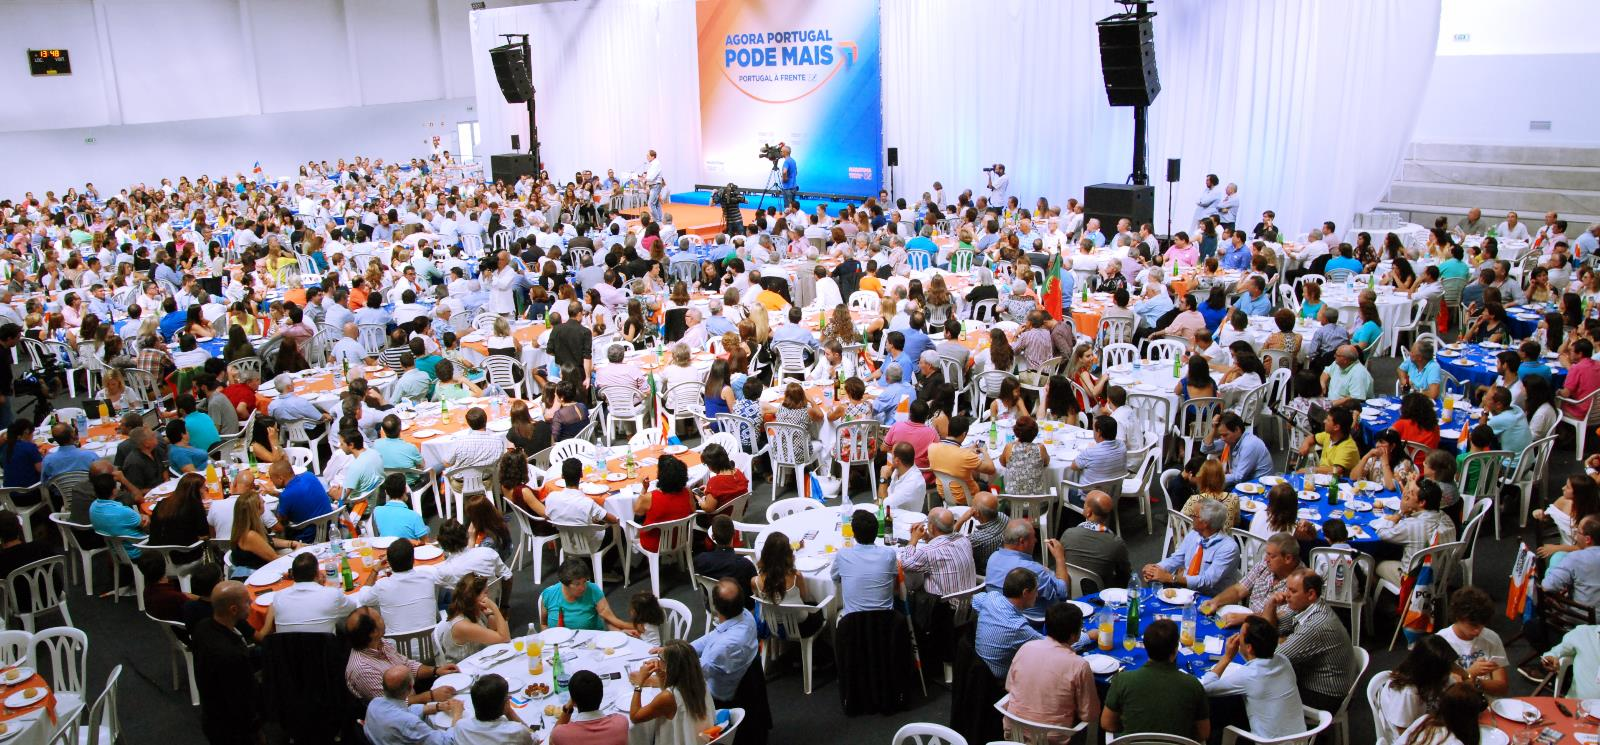 Centenas de pessoas participaram hoje em Felgueiras no almoço de campanha | FOTO: Armindo Mendes